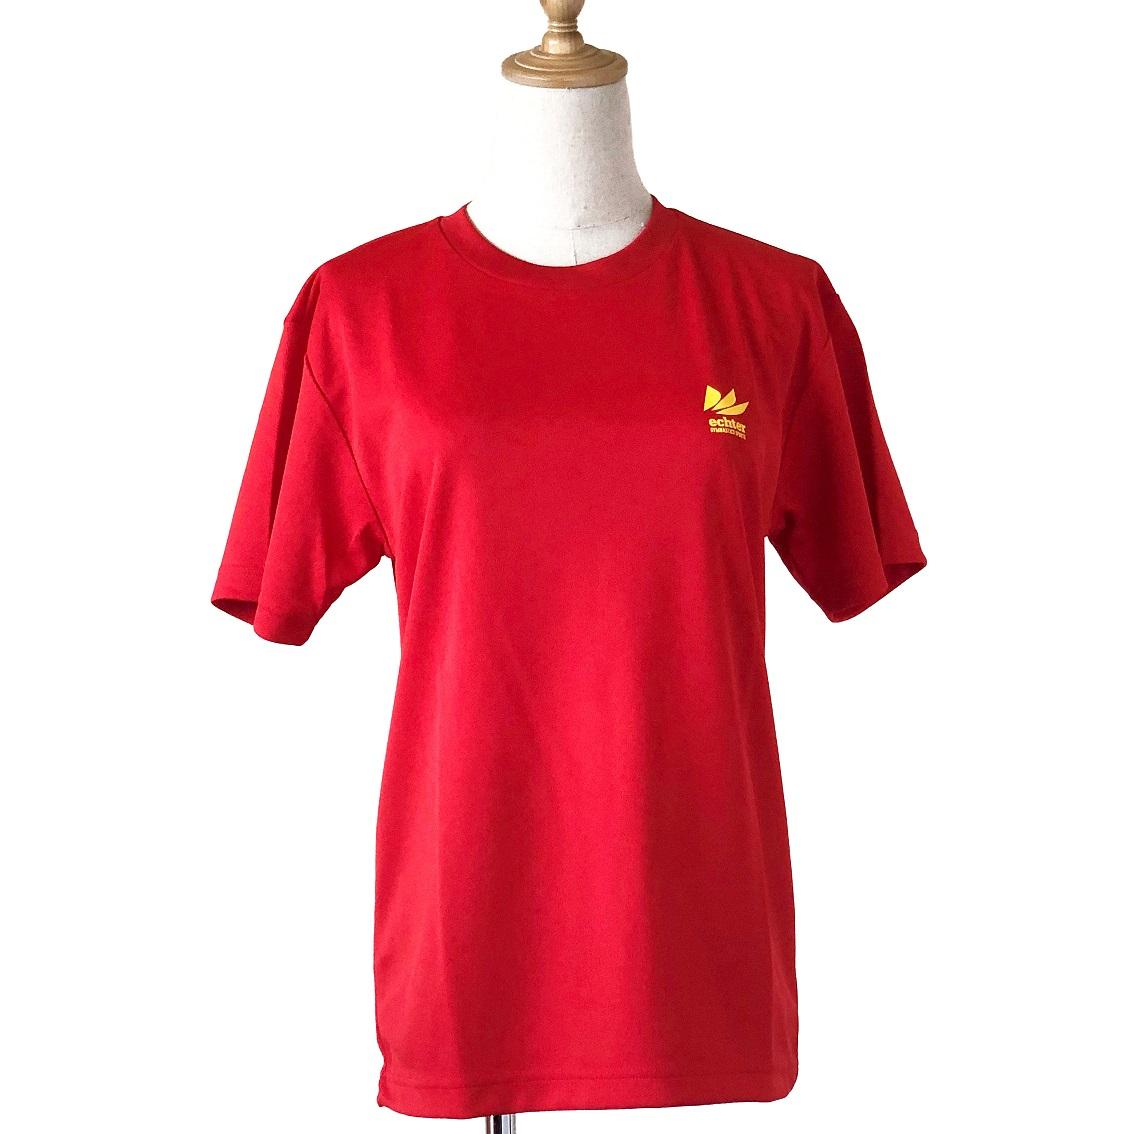 ジムフレンズTシャツ レッド タンマボックス